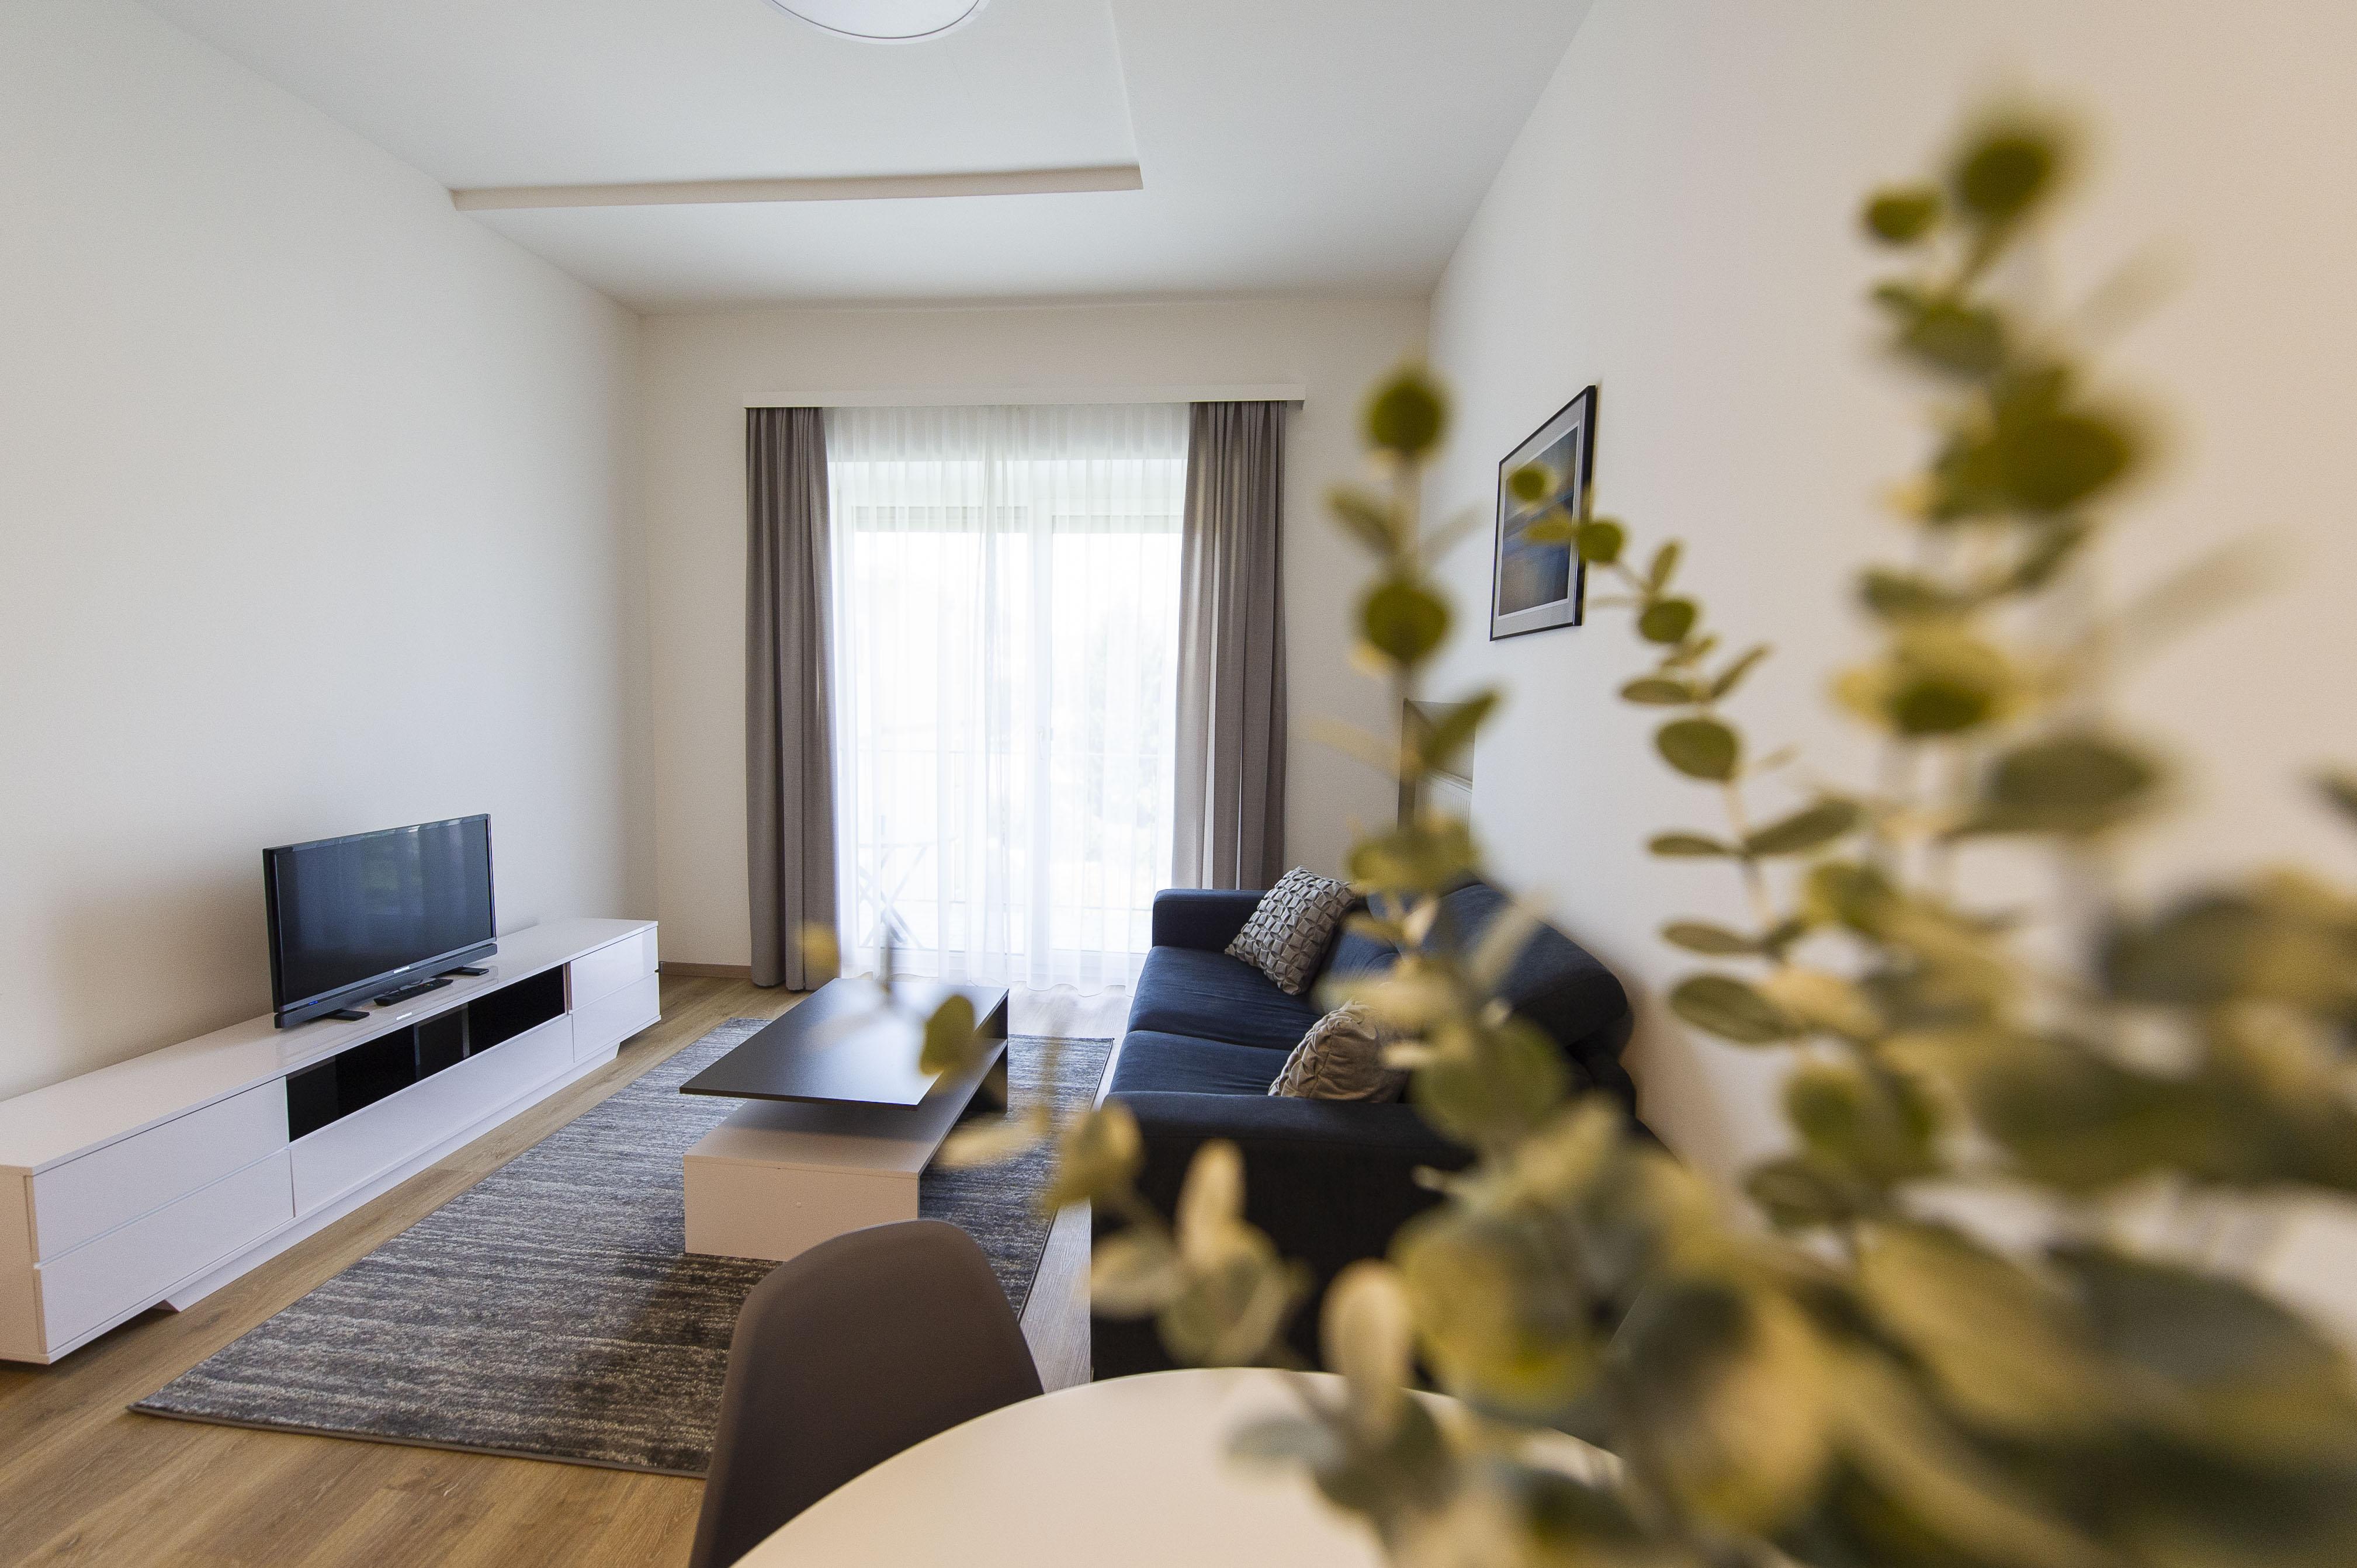 Appartement_Graz_Vorsorgewohnung_ Graz_5_Captura